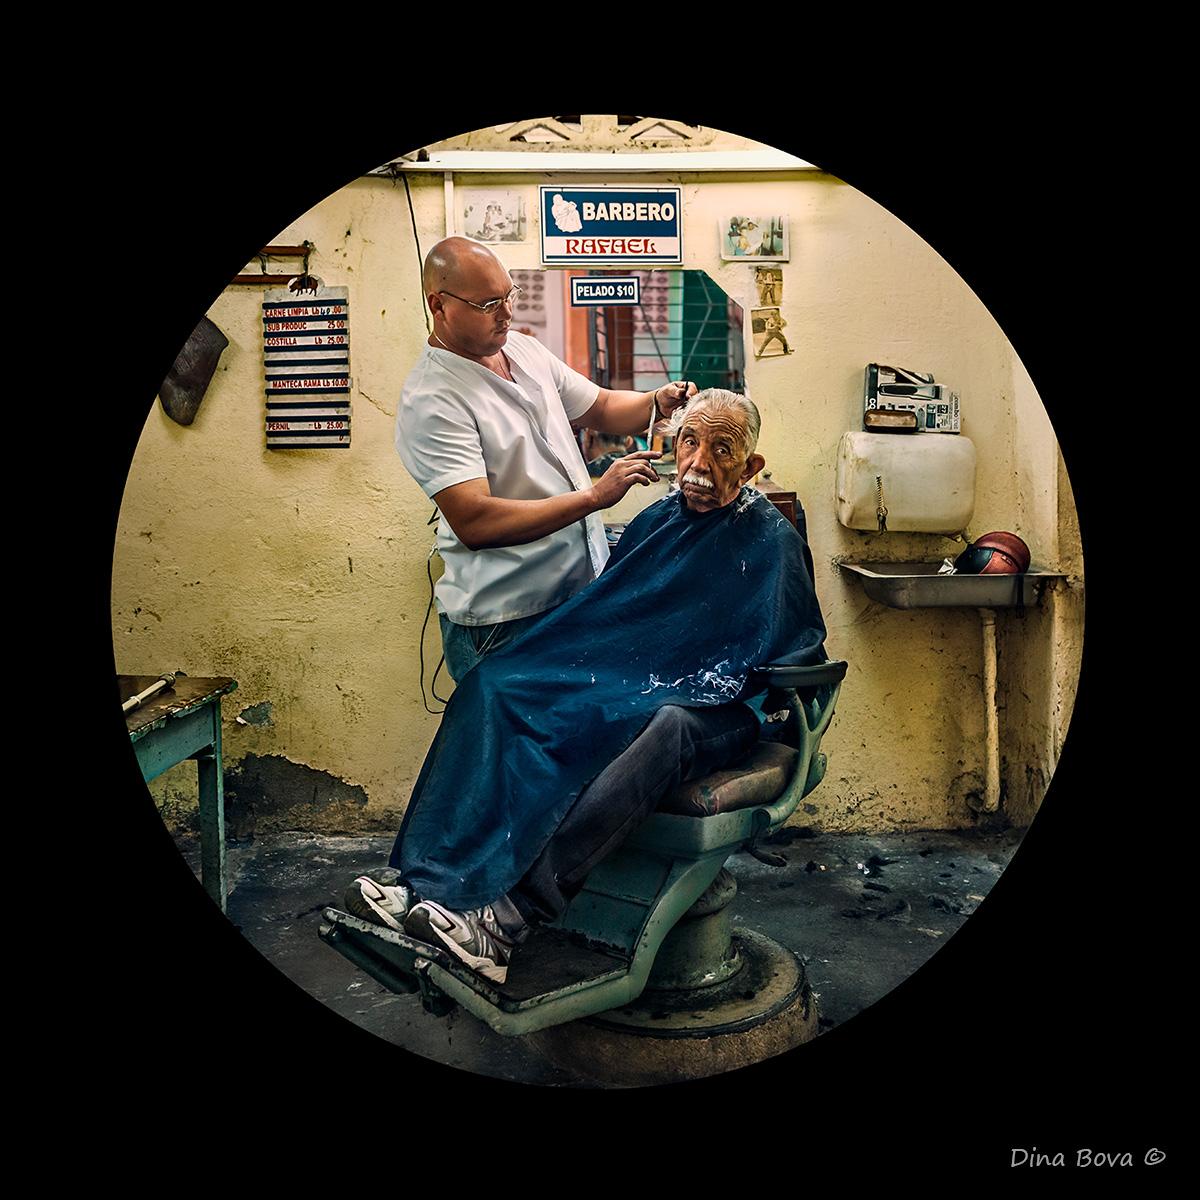 Barbero Rafael